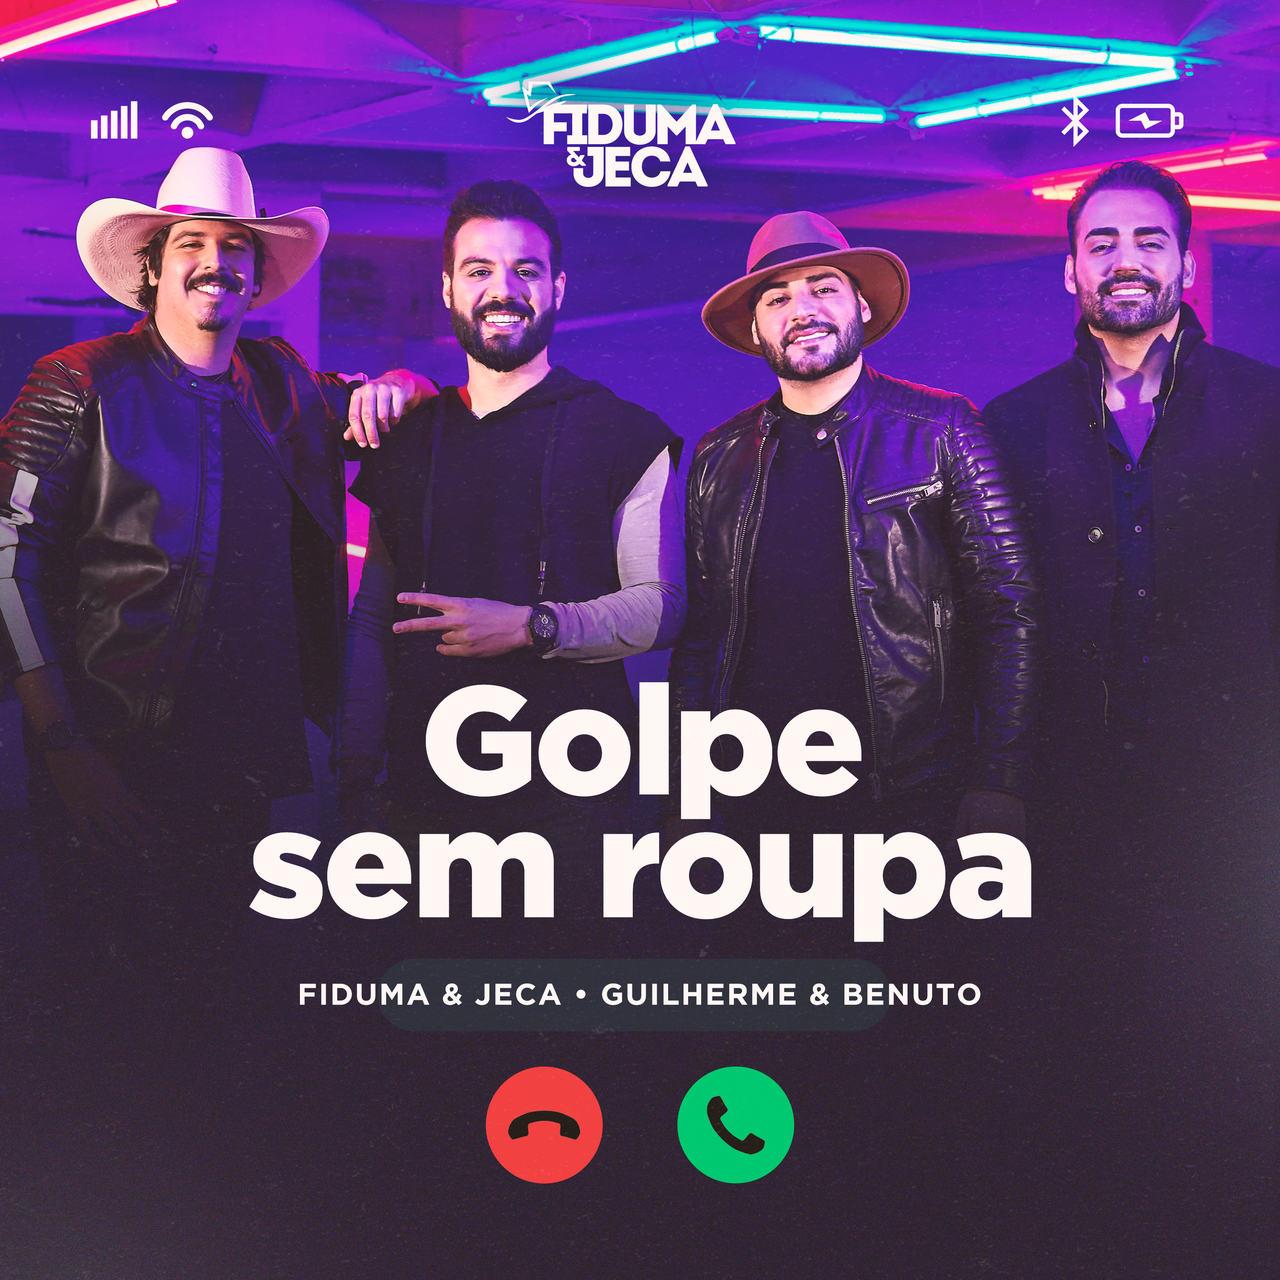 """Fiduma & Jeca caem em golpe junto com Guilherme & Benuto em """"Golpe Sem Roupa"""" 42"""